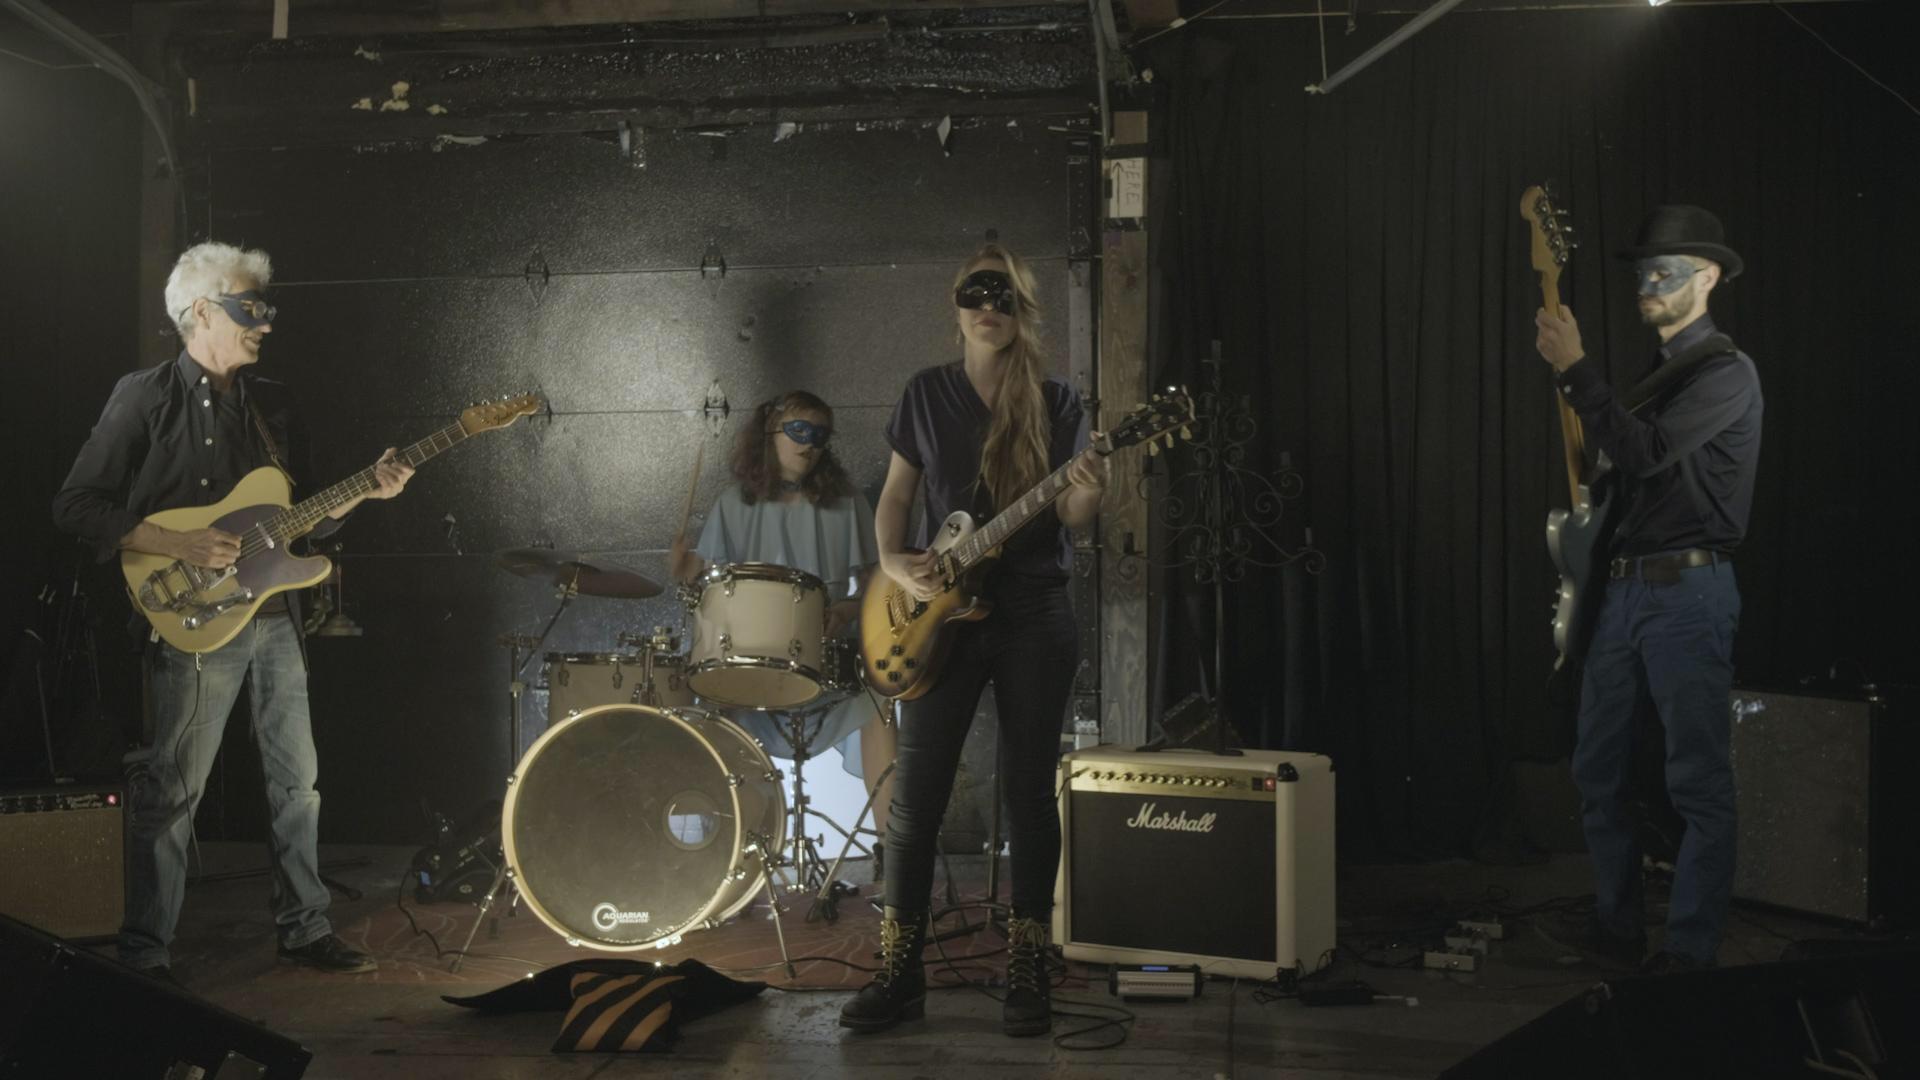 Megan Johns Band Video Still